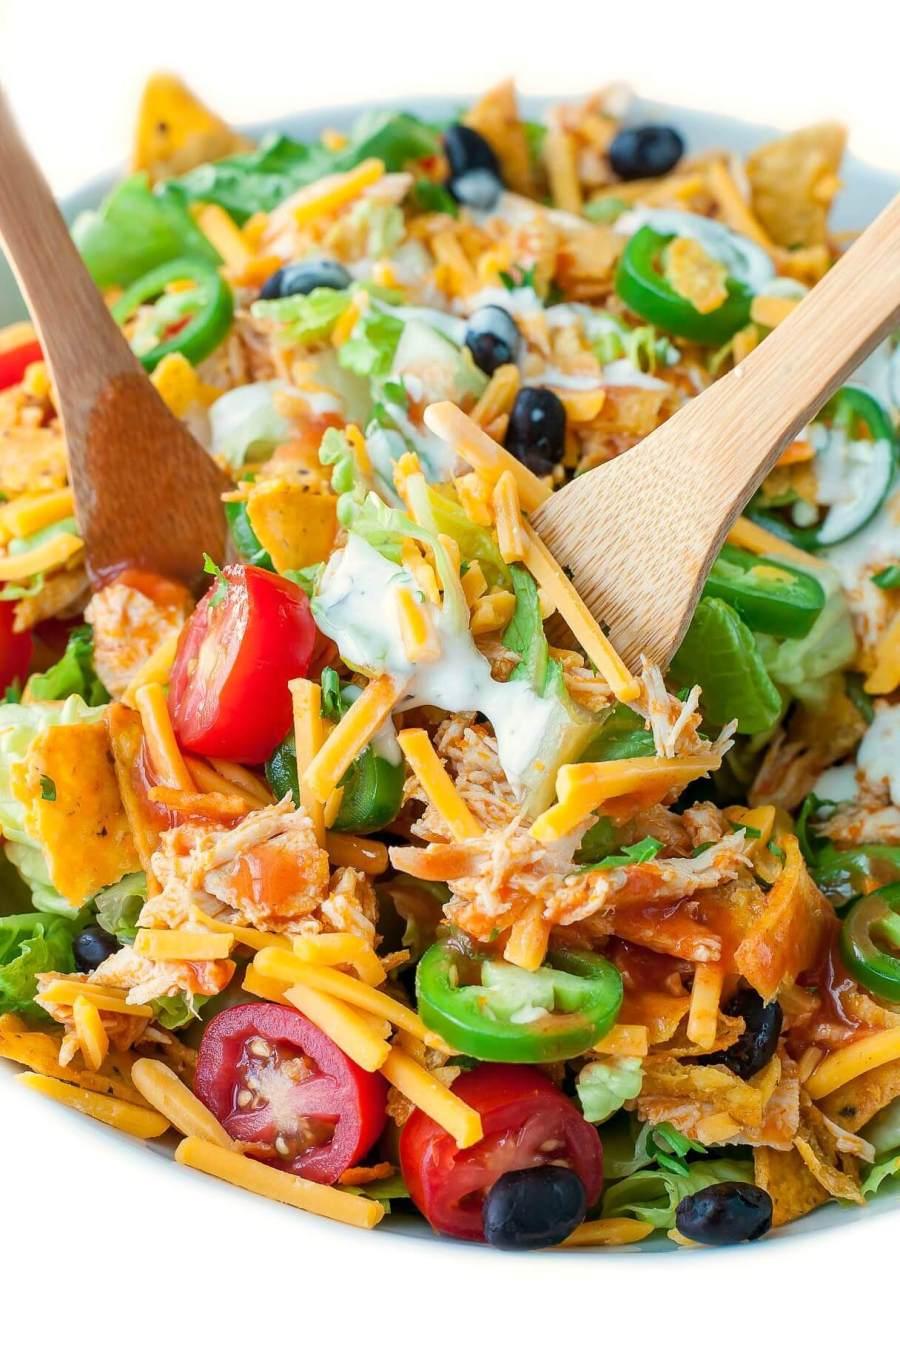 buffalo-chicken-taco-salad-recipe-peasandcrayons-edit-2